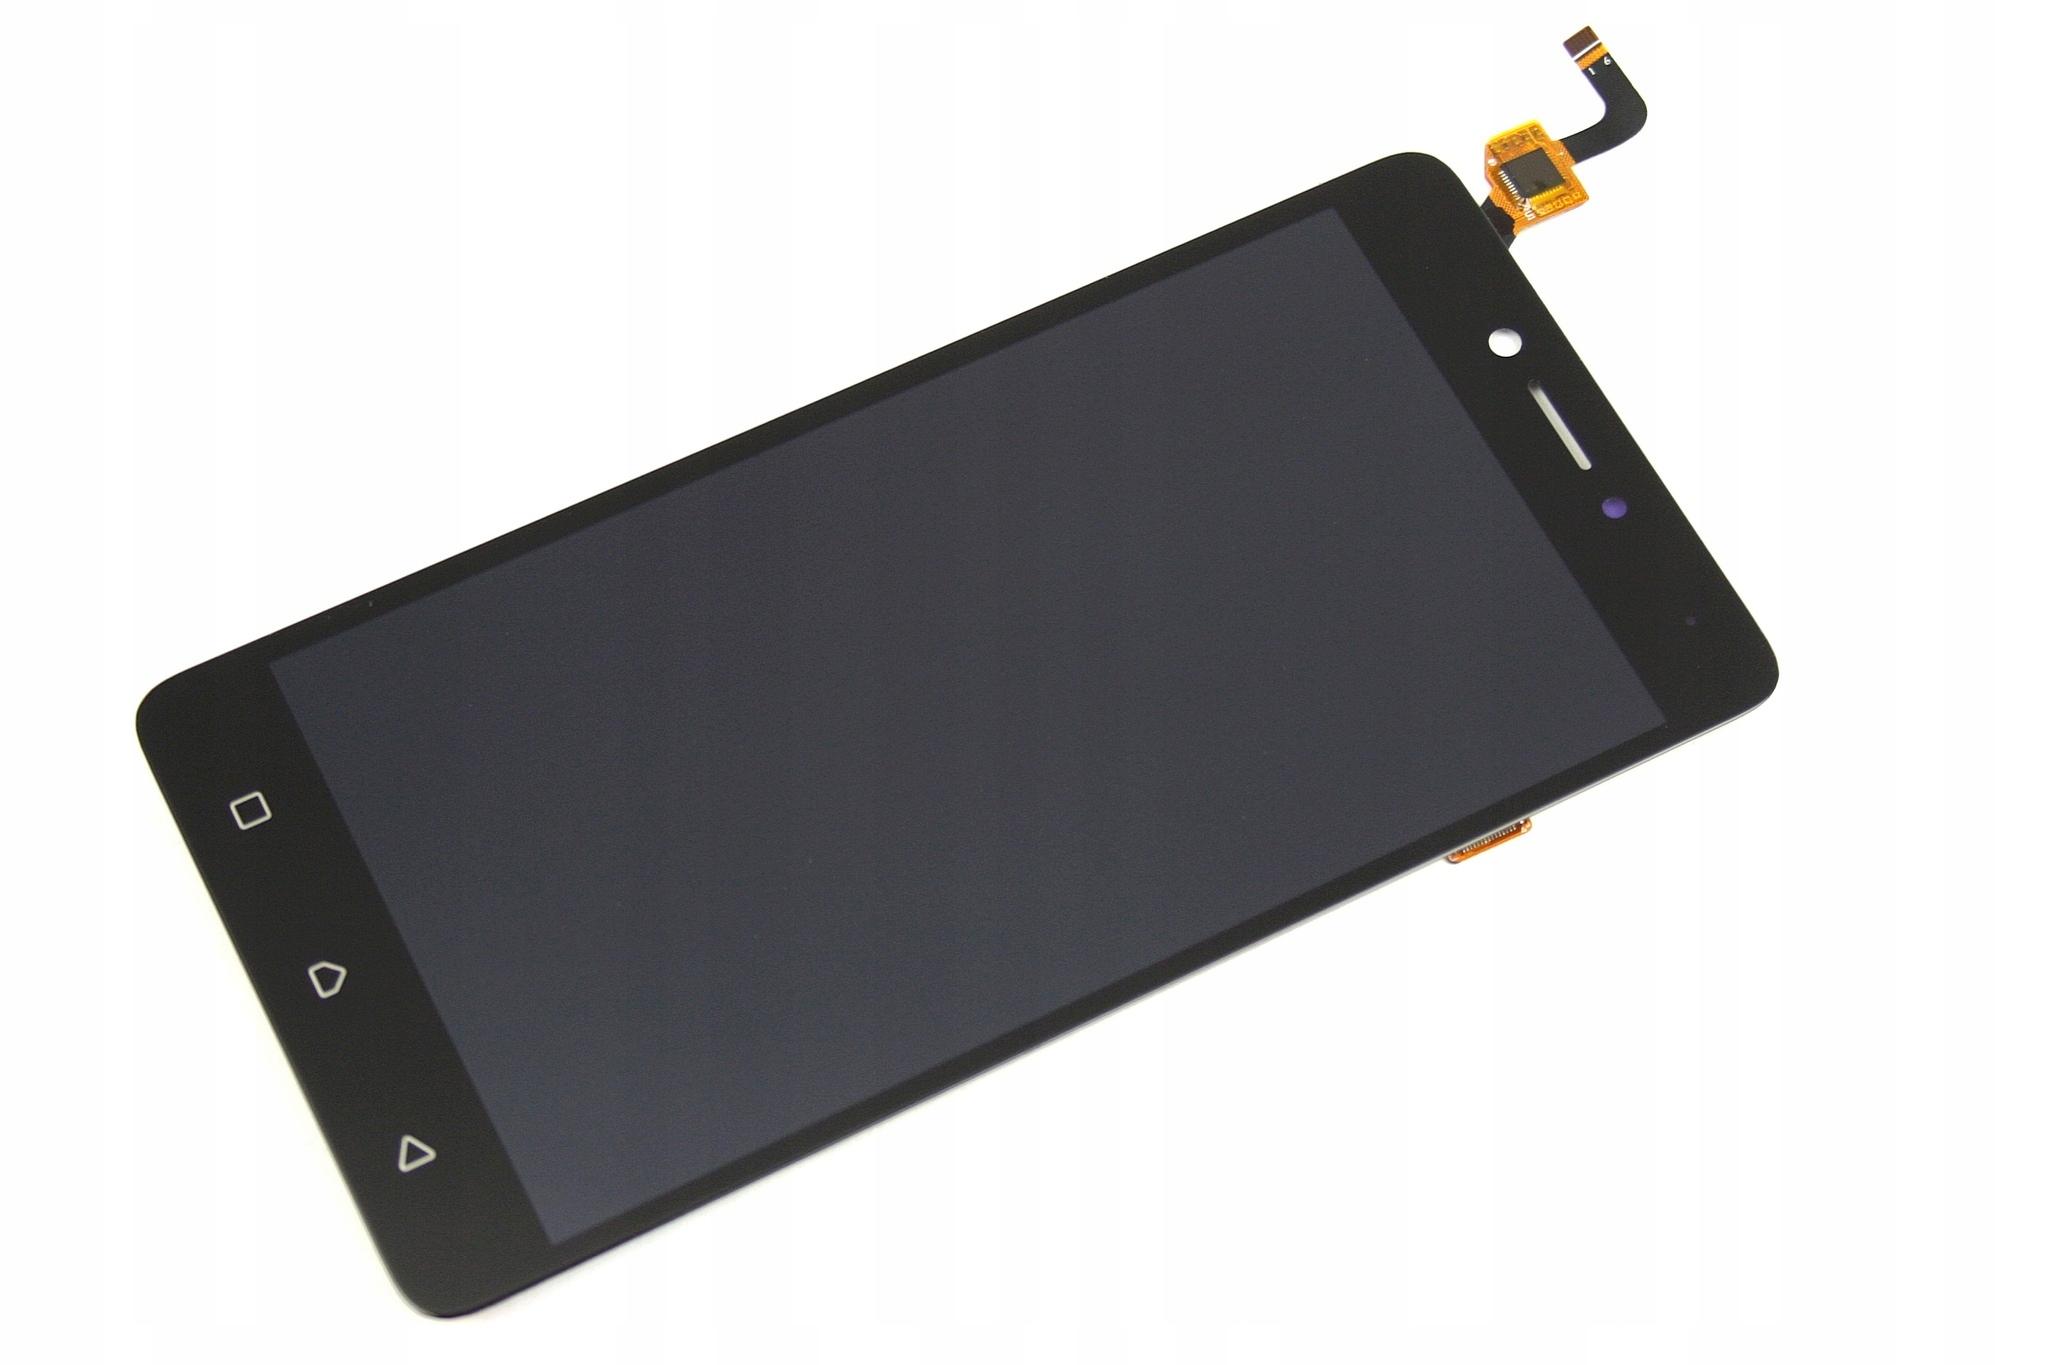 WYŚWIETLACZ Z DIGITIZEREM LENOVO K6 NOTE K53A48 CZARNY - Wyświetlacze z digitizerami do telefonów